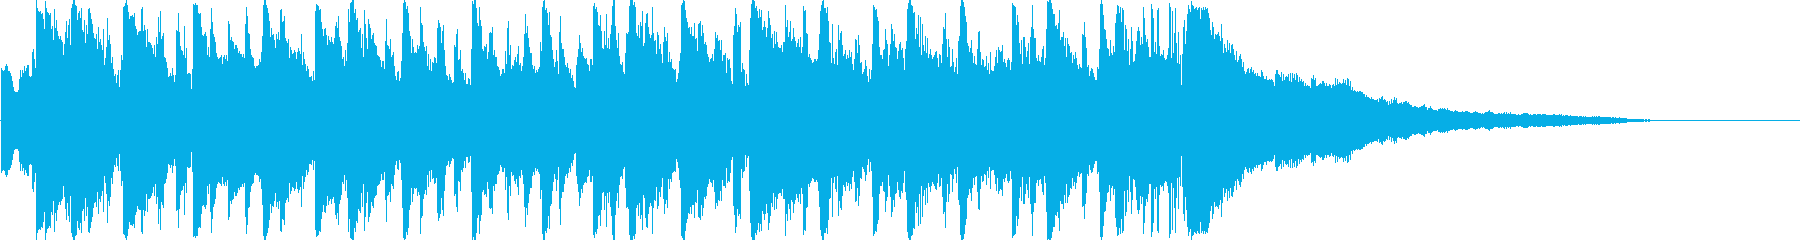 ◎秋ぽい生演奏切なJ-POP♫の再生済みの波形